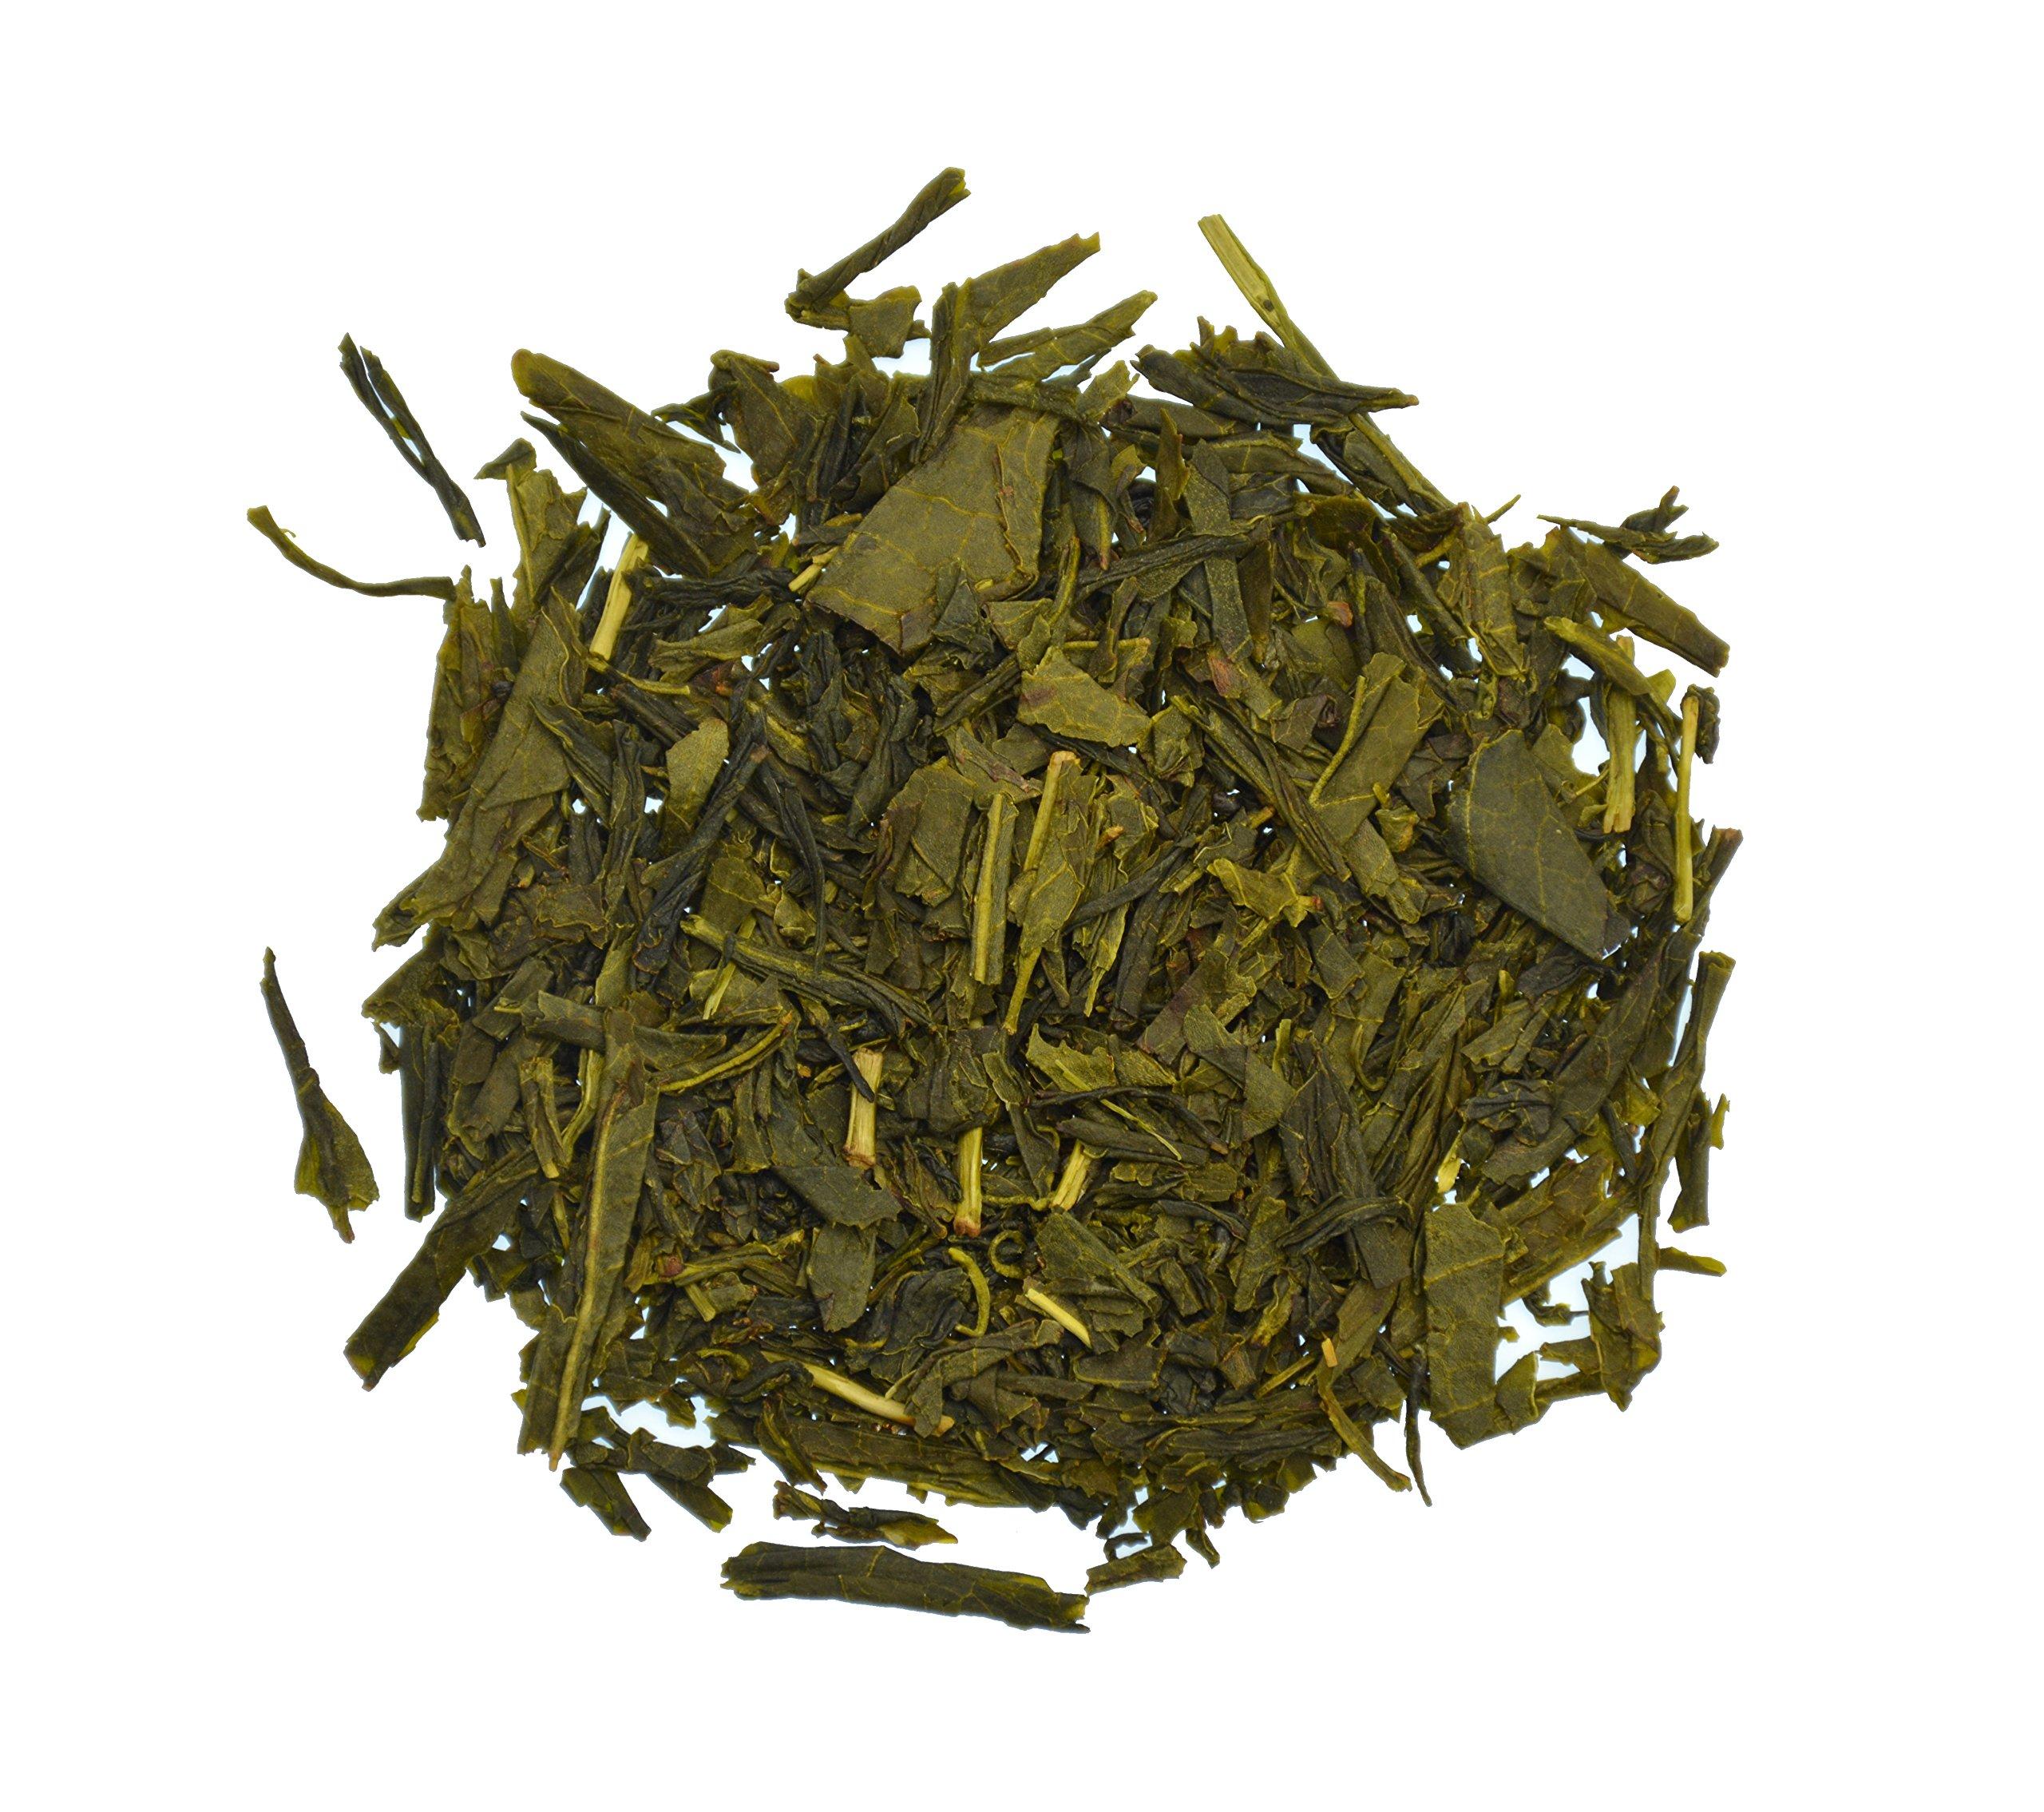 Japan-Bancha-aus-MiyazakiLoser-Japanischer-Grner-Tee-aromatisch-mildJapanischer-Grntee-von-TeaClub